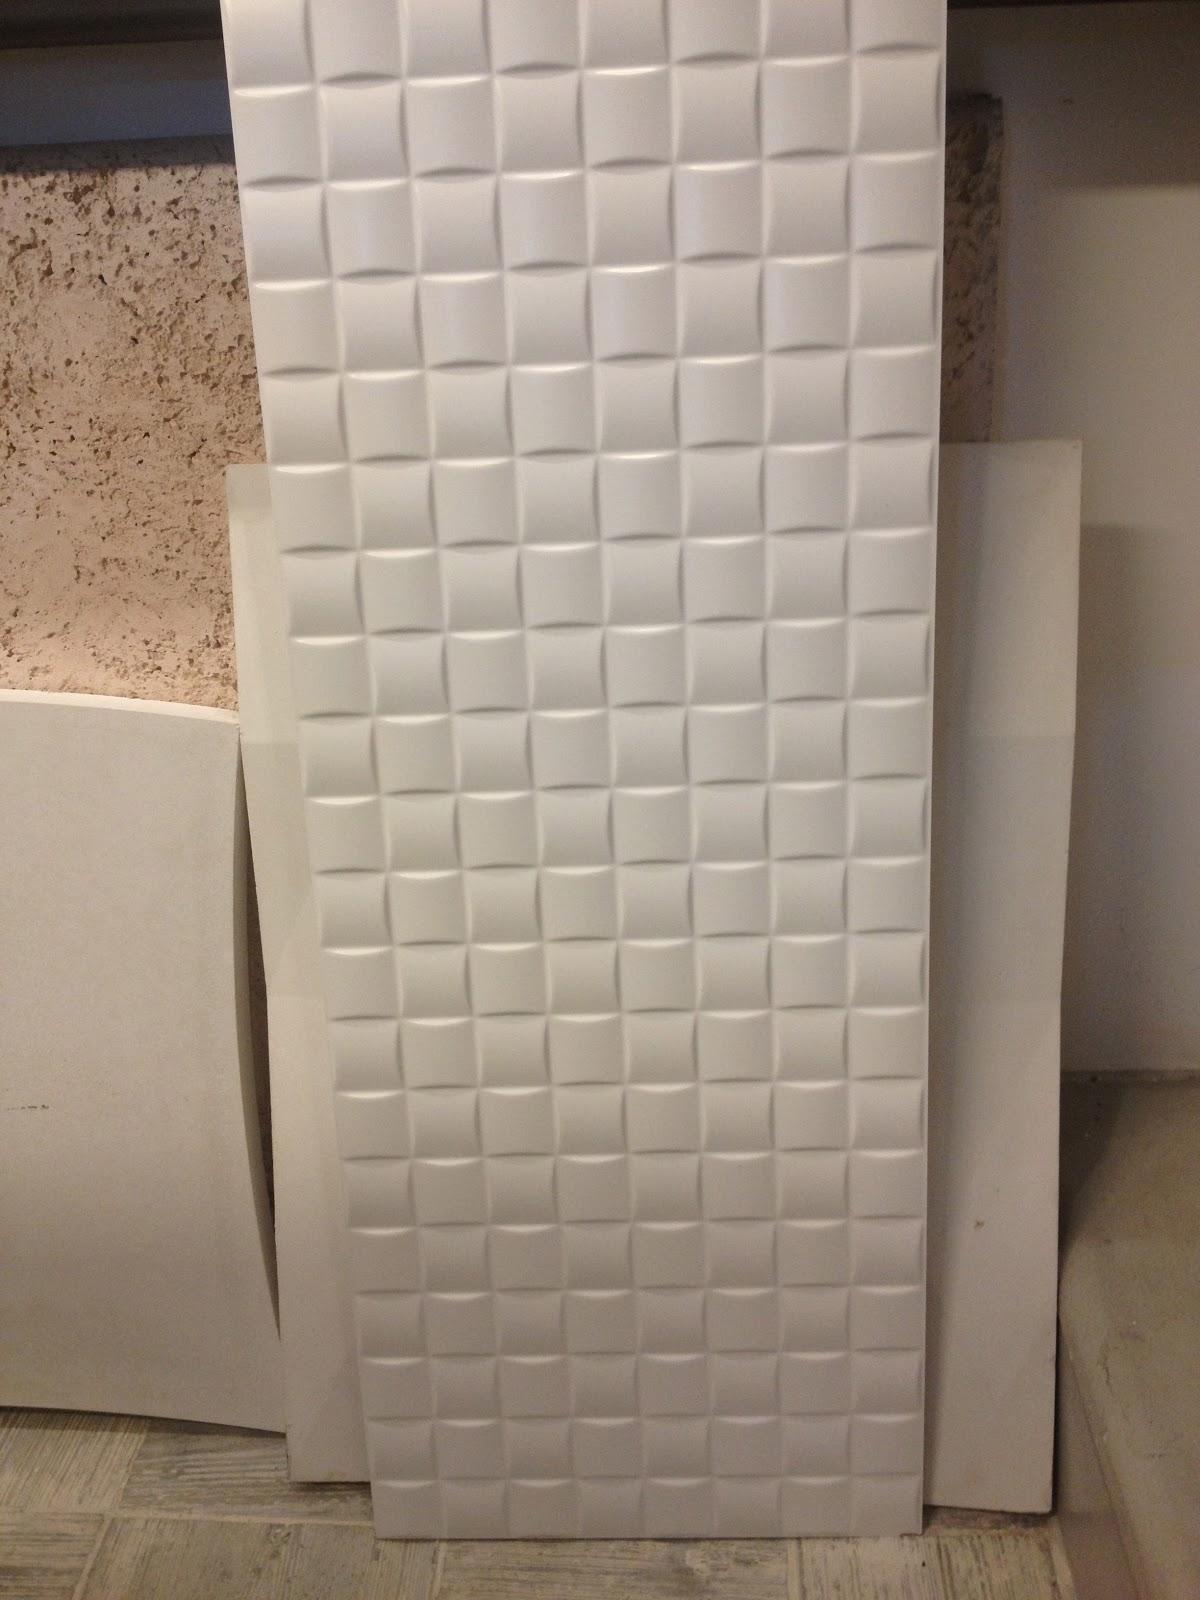 Porcelanato da Porcelanosa Oxo Mosaic Bianco Chão de Barro R$21  #71604D 1200x1600 Banheiro Com Revestimento De Porcelanato